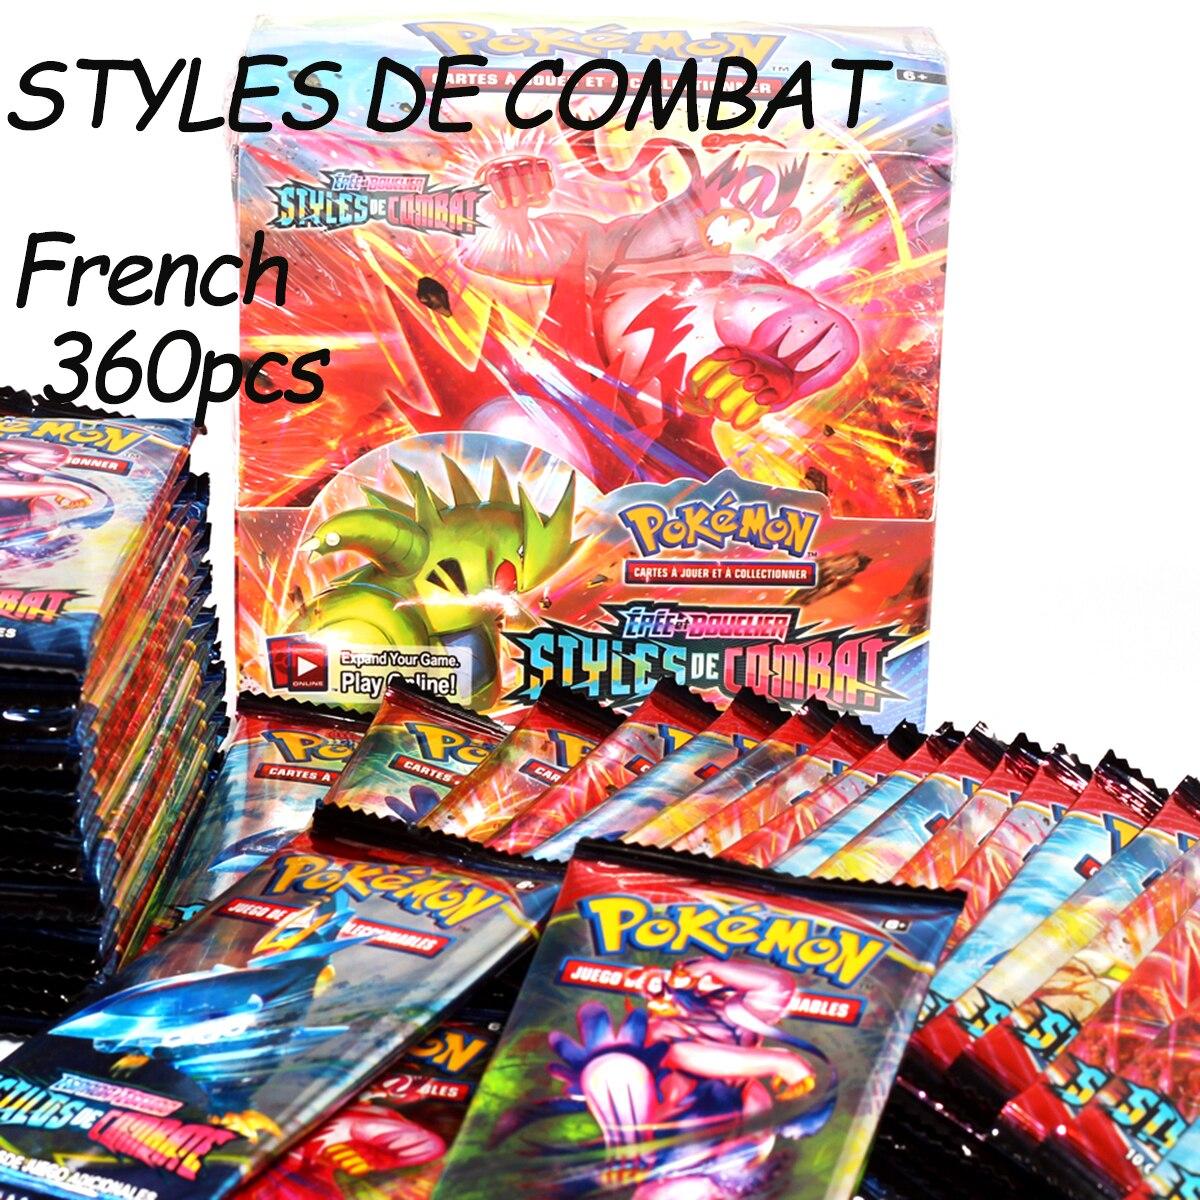 juego-de-cartas-de-pokemon-version-francesa-para-ninos-coleccion-de-estilos-de-combate-regalo-360-unids-caja